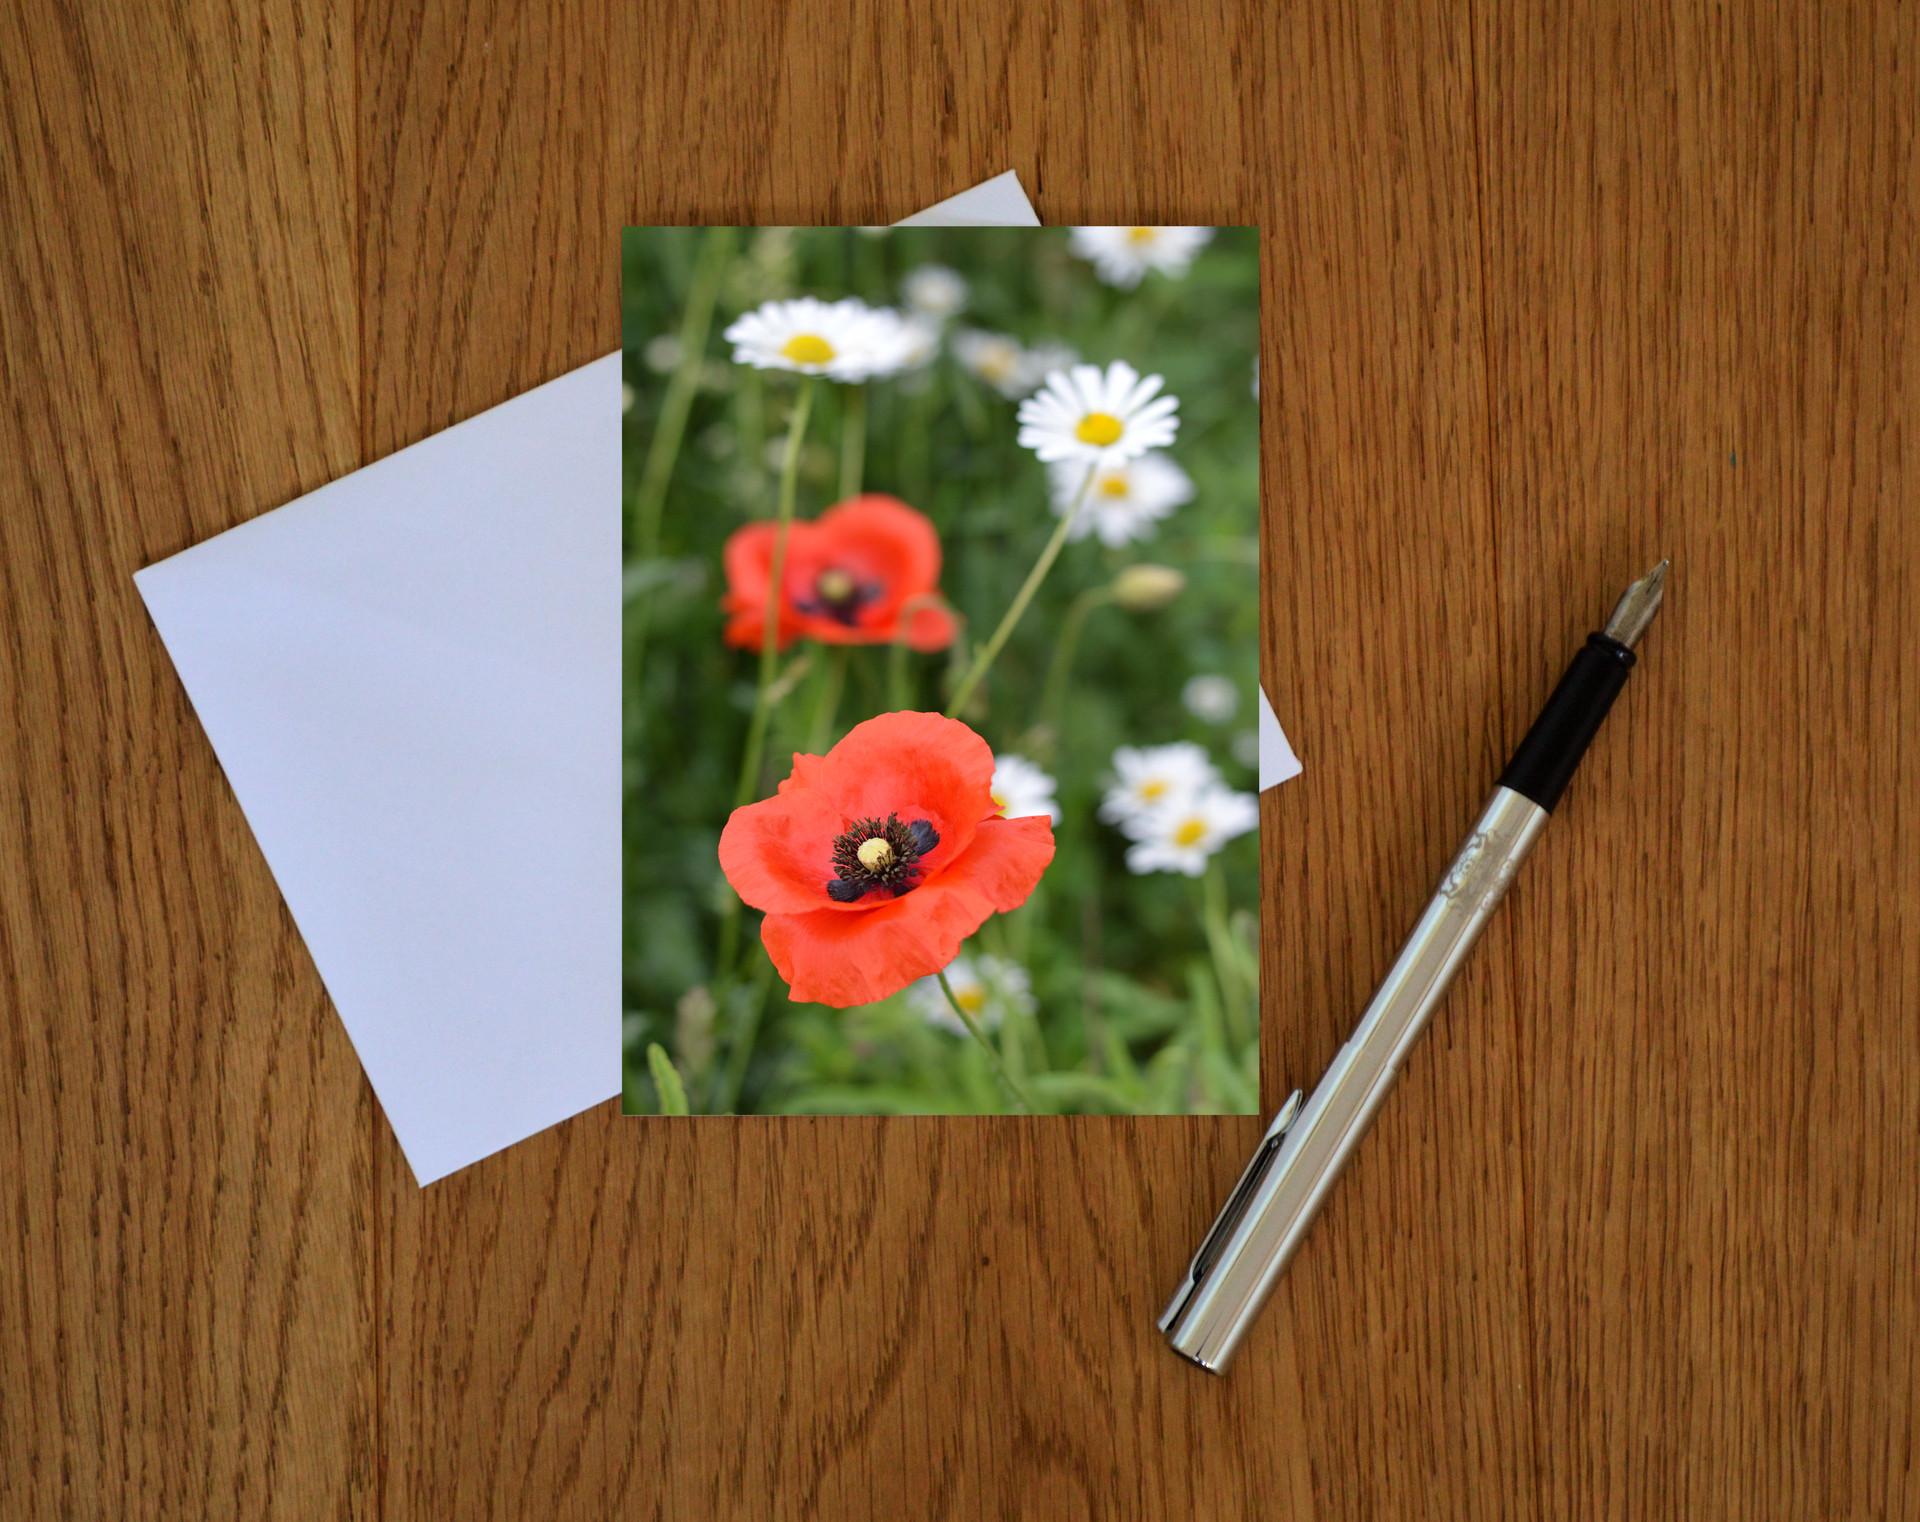 Wildflower 8 (web image of card).jpg